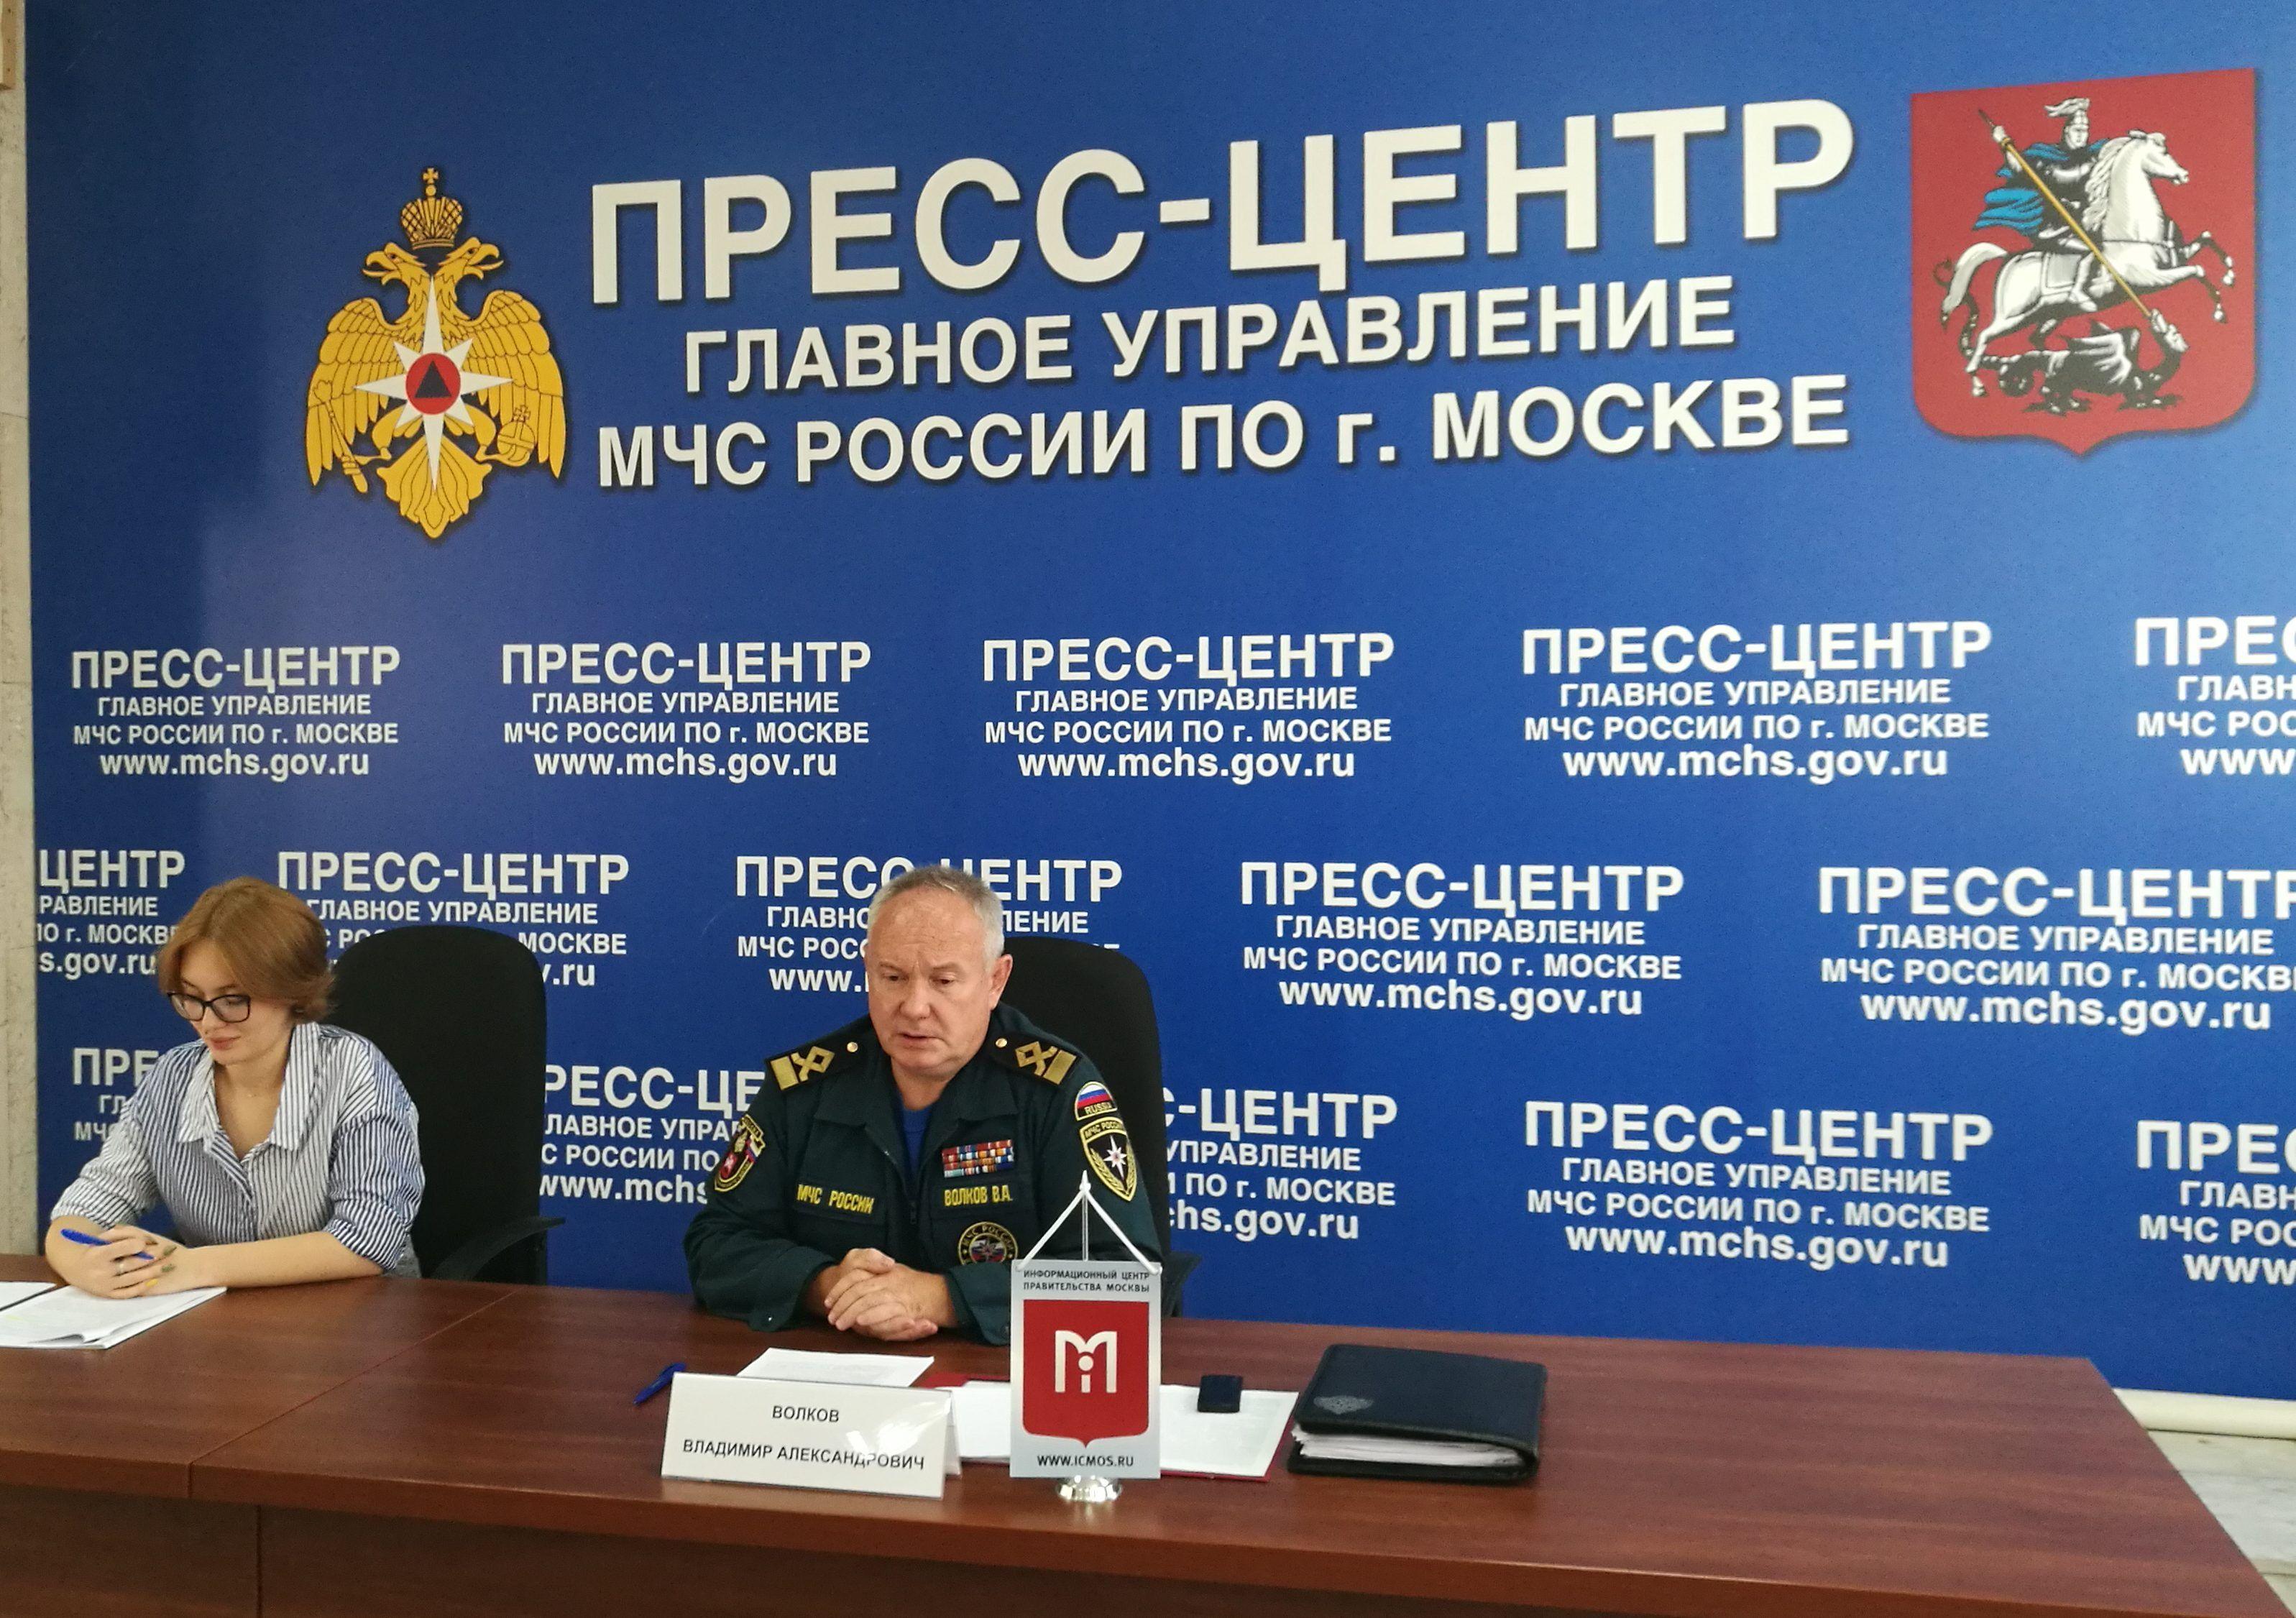 Пресс-конференцию к 35-летию государственной инспекции по маломерным судам организовали в Москве